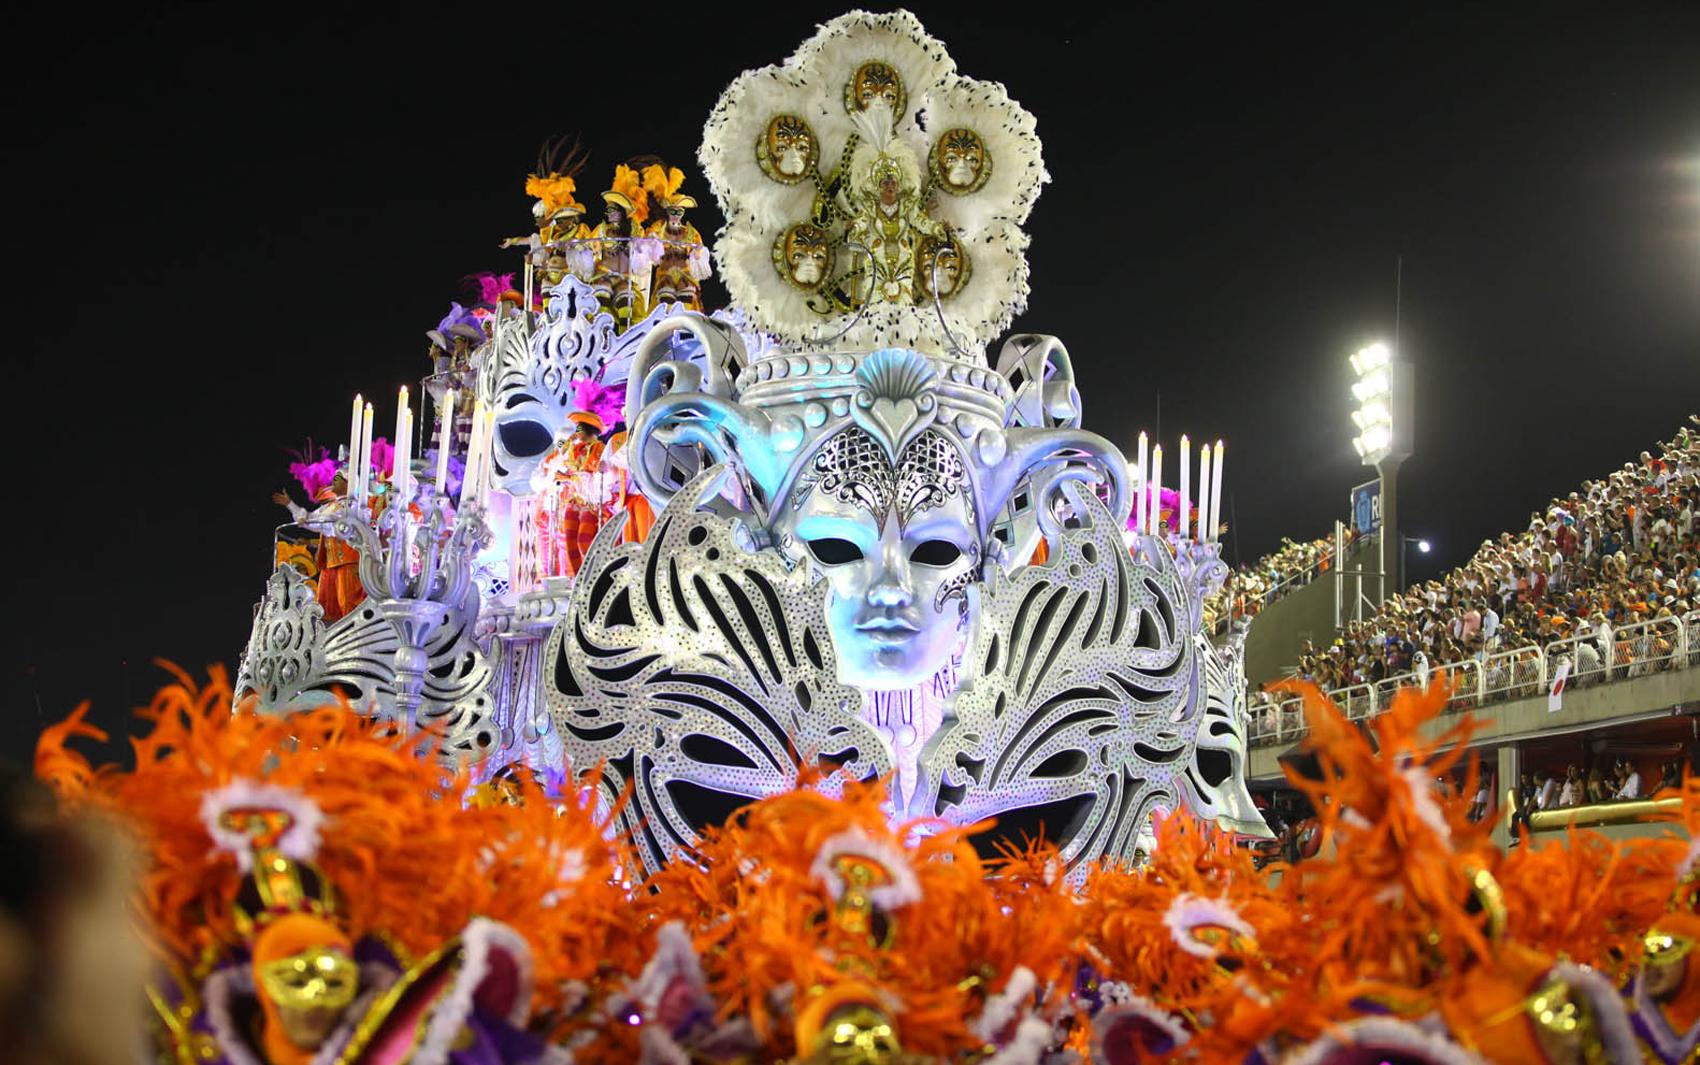 карнавал масок и костюмов в Рио де Жанейро